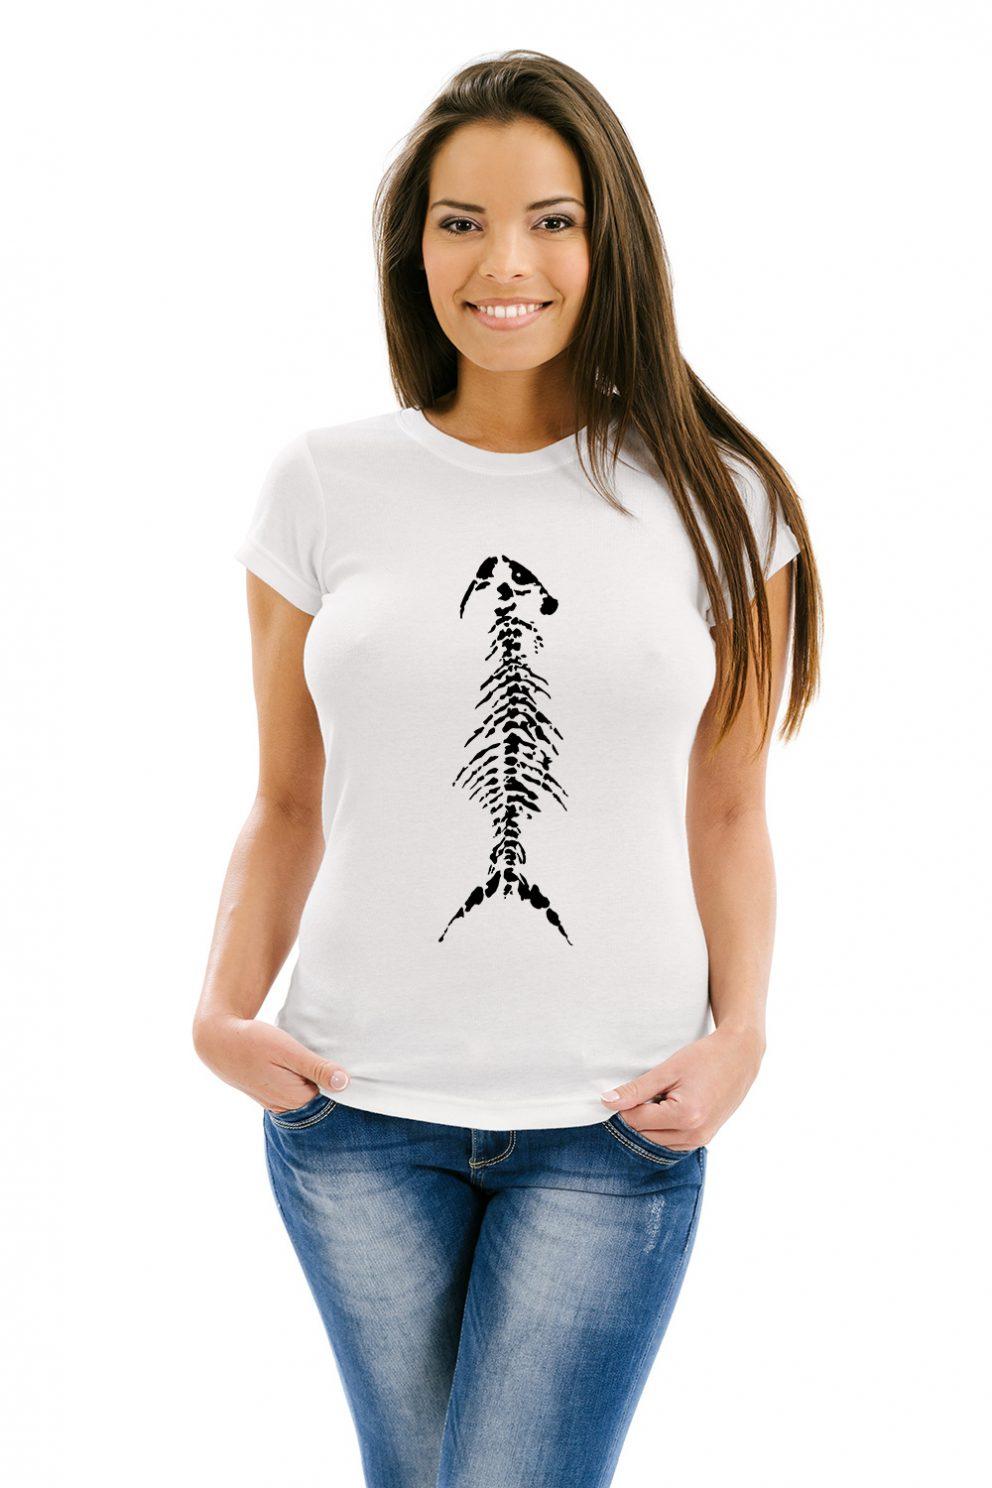 Kyst-shirt Tromso North T-shirt